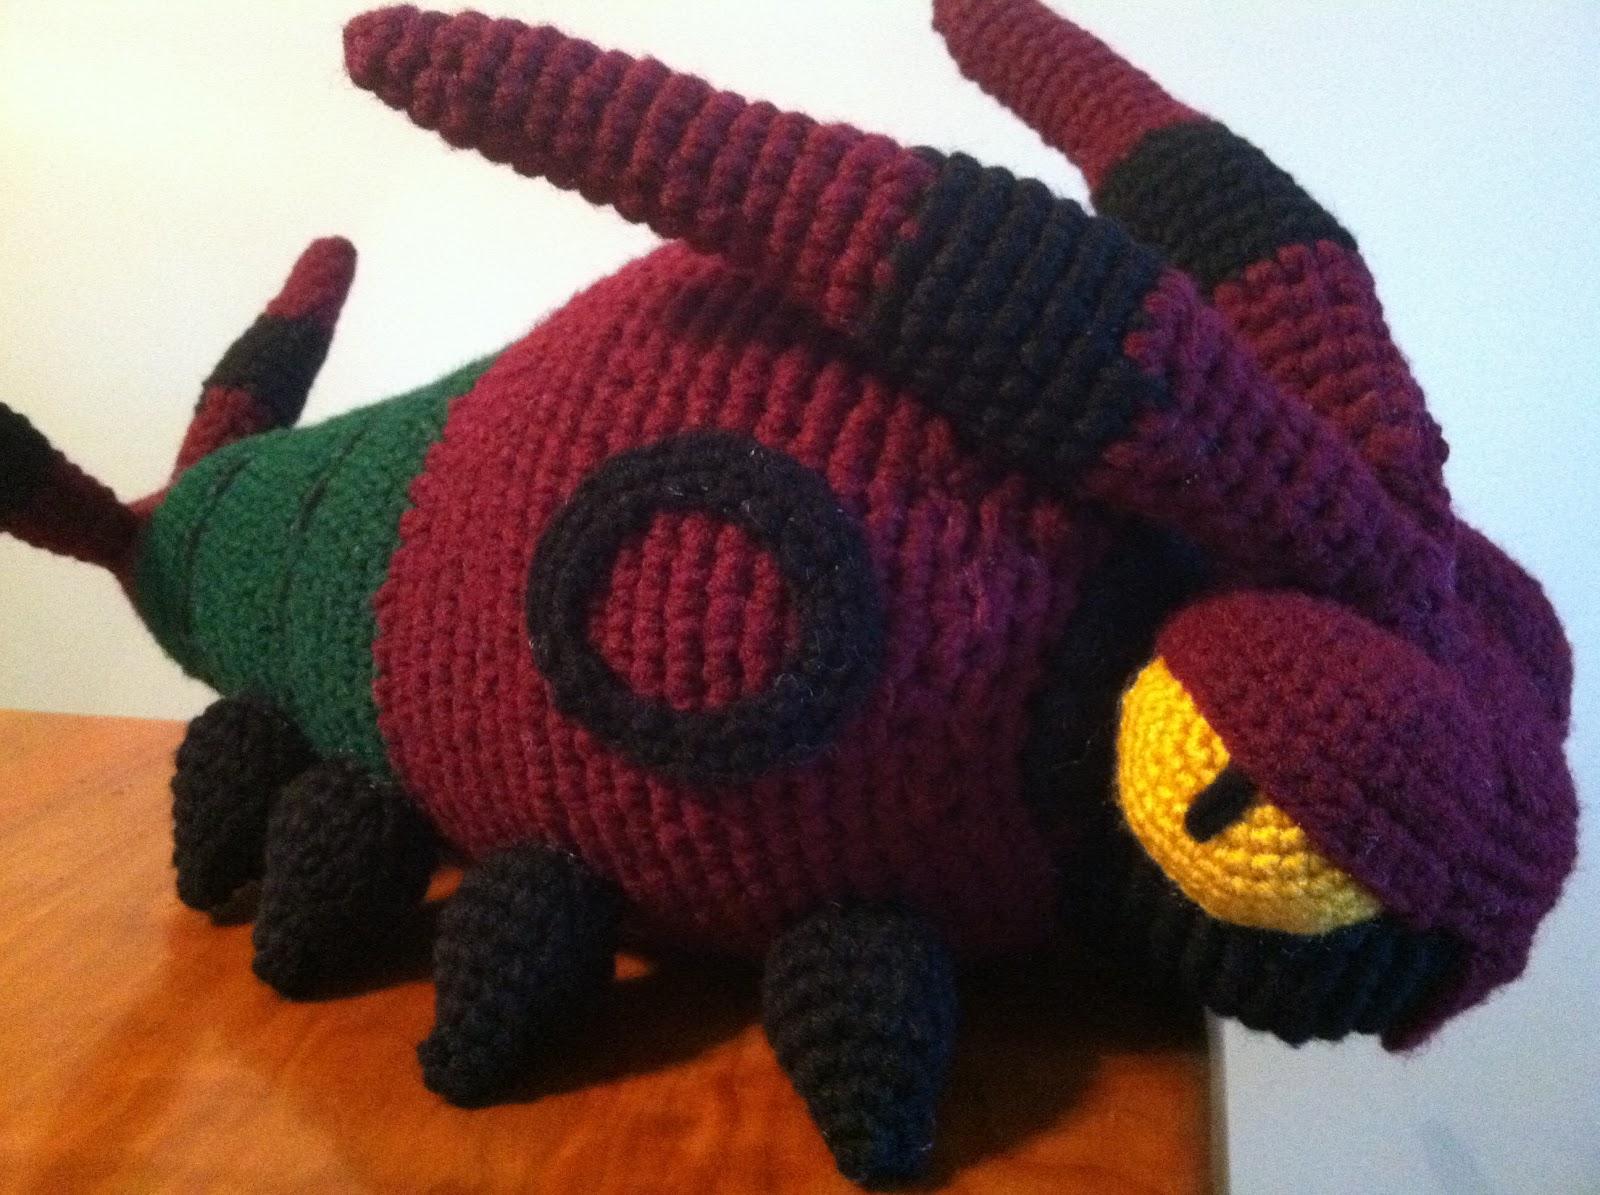 Heart in Flight Crochet: Venipede Crochet Plush Pattern